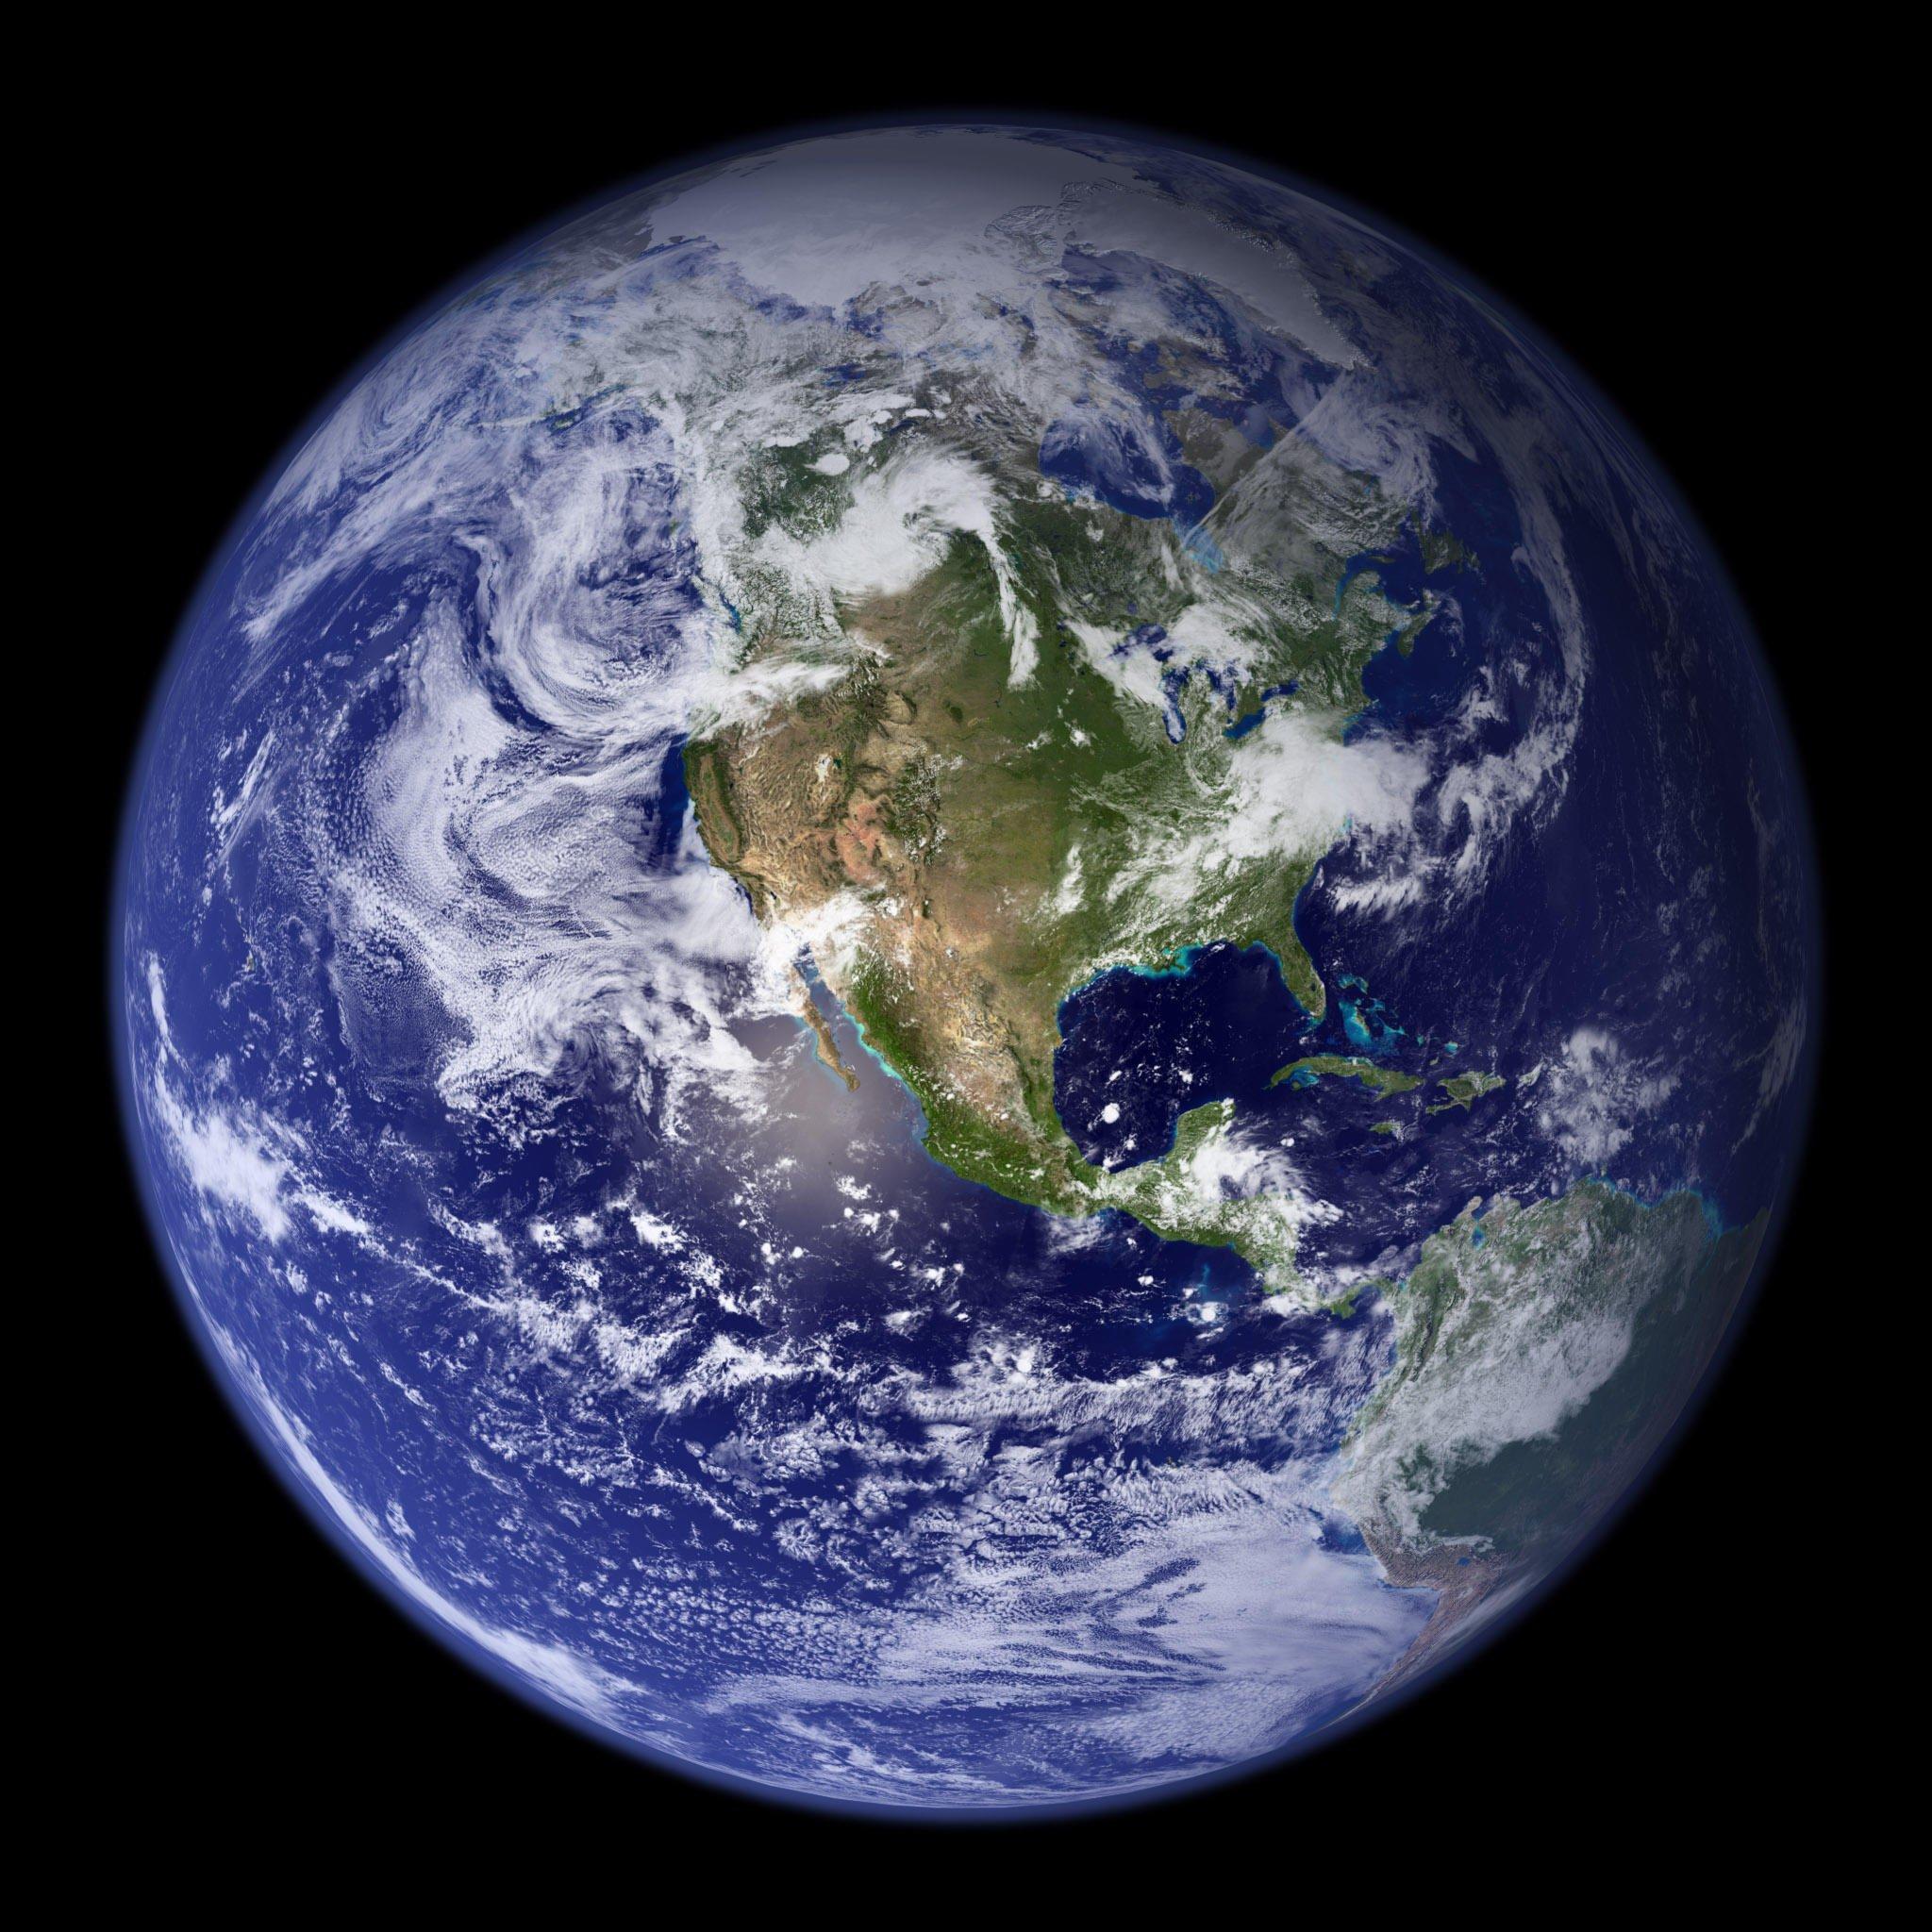 Verschwindet die Menschheit vom Antlitz der Erde? Forscher warnen eindringlich vor der sechsten Massenaussterbungs-Welle.